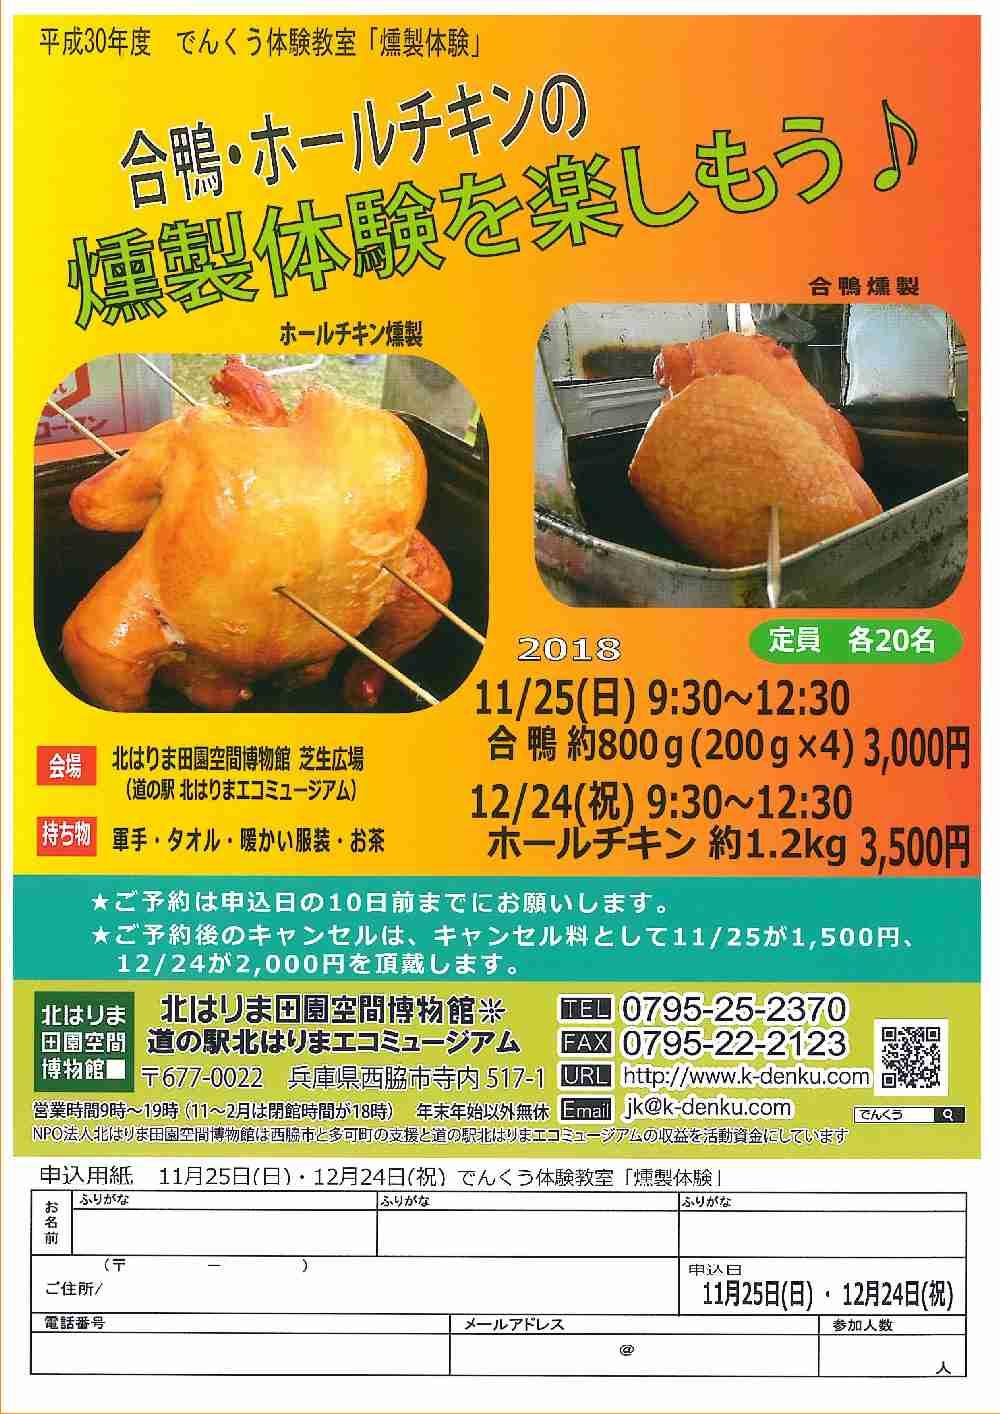 12/24 体験教室「燻製体験」:でんくう体験学習室